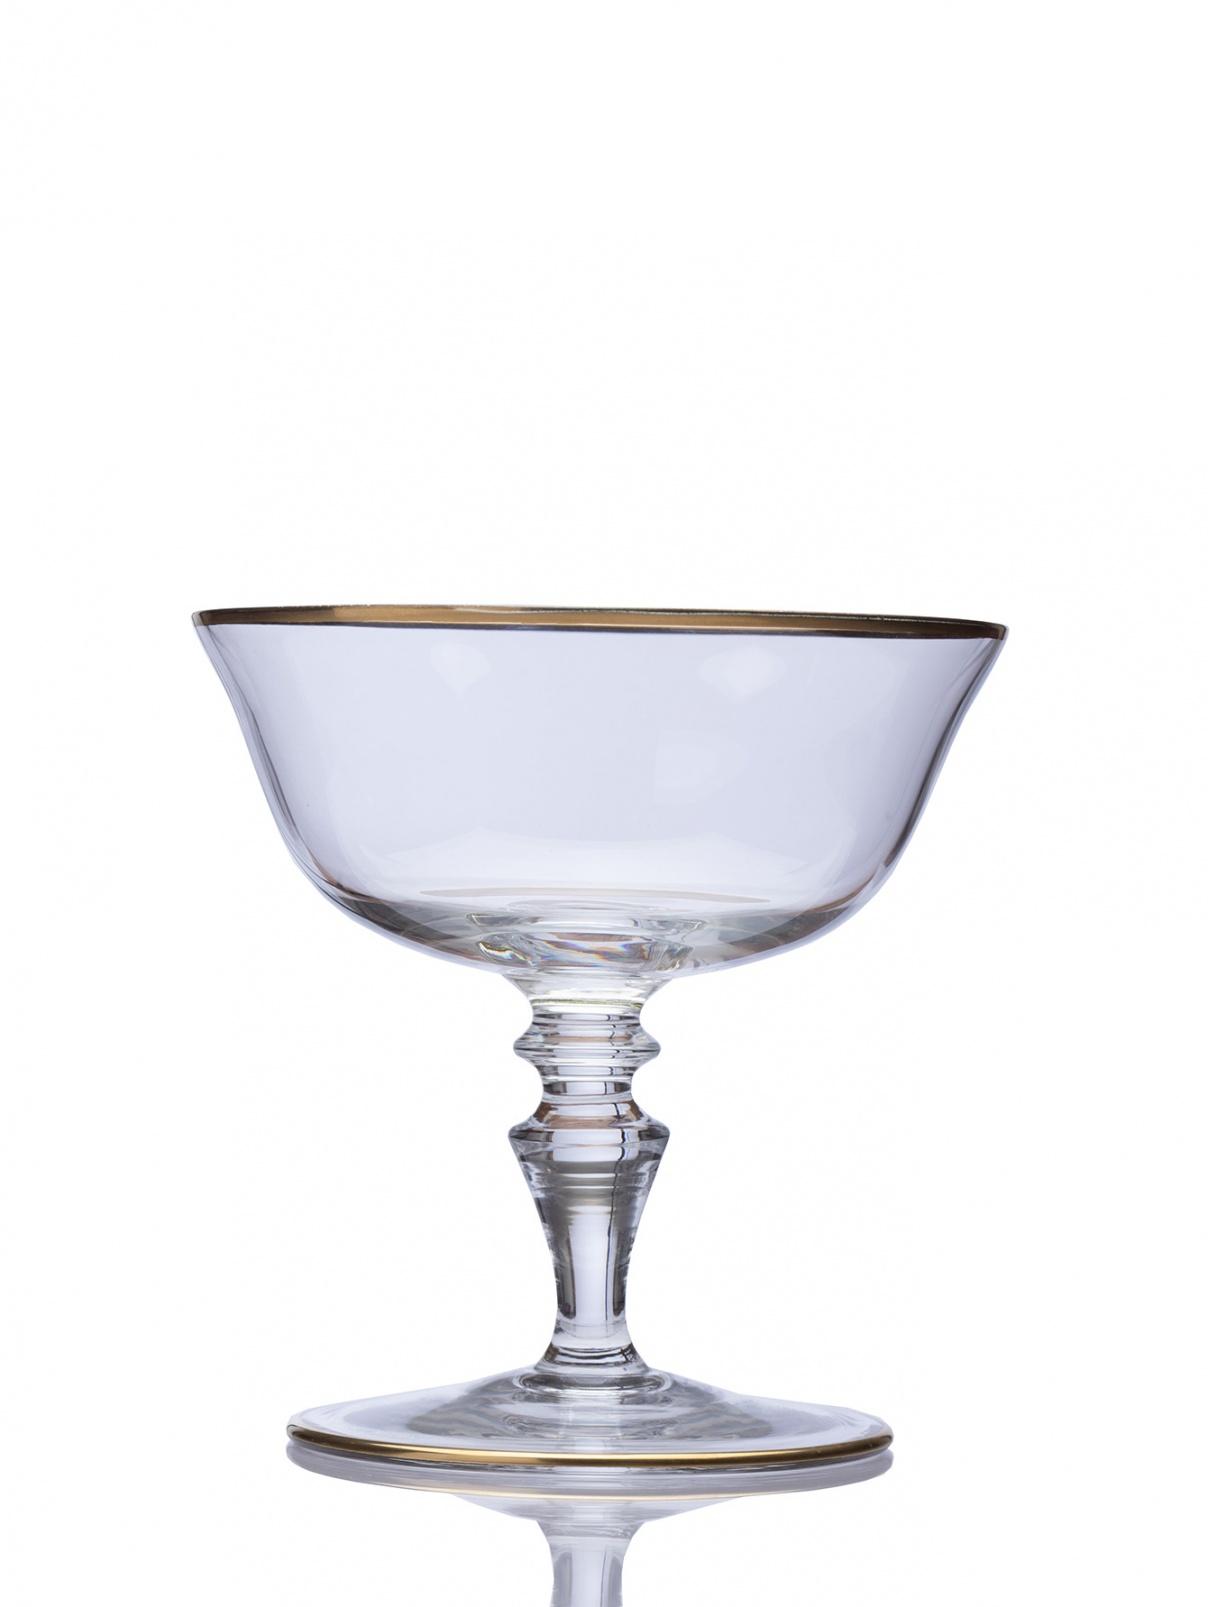 Чаша для шампанского с кантом из золота, высота - 11,4 см, диаметр - 11,2 см NasonMoretti  –  Общий вид